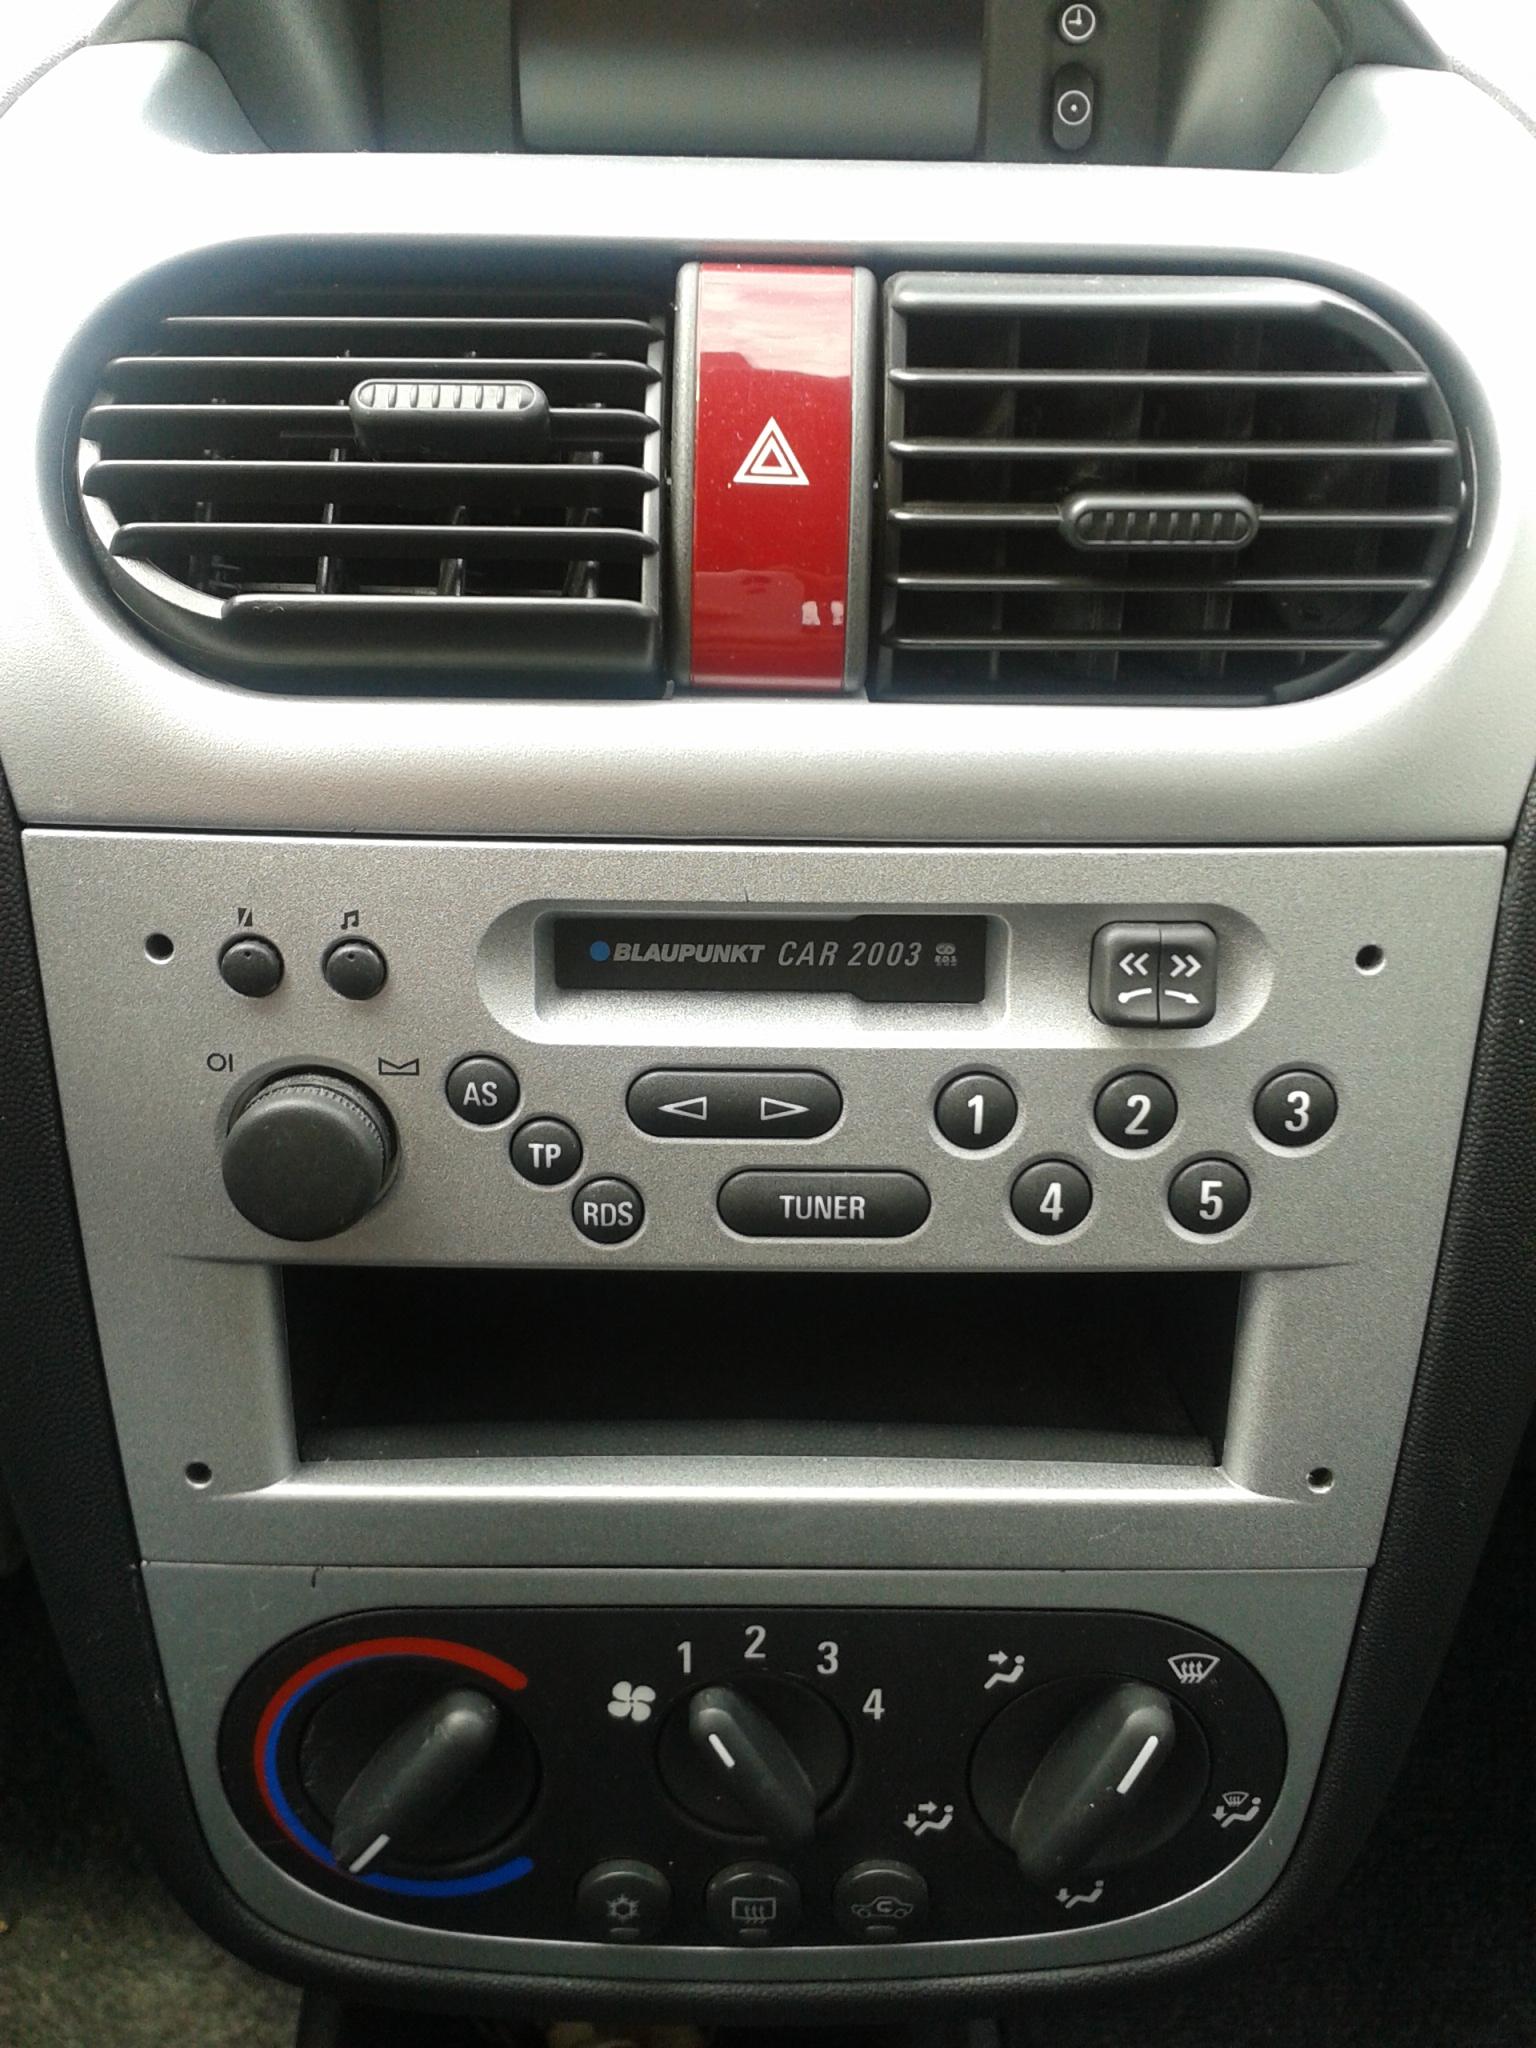 woher kriege ich ein radio mit cd player f r meinen opel. Black Bedroom Furniture Sets. Home Design Ideas